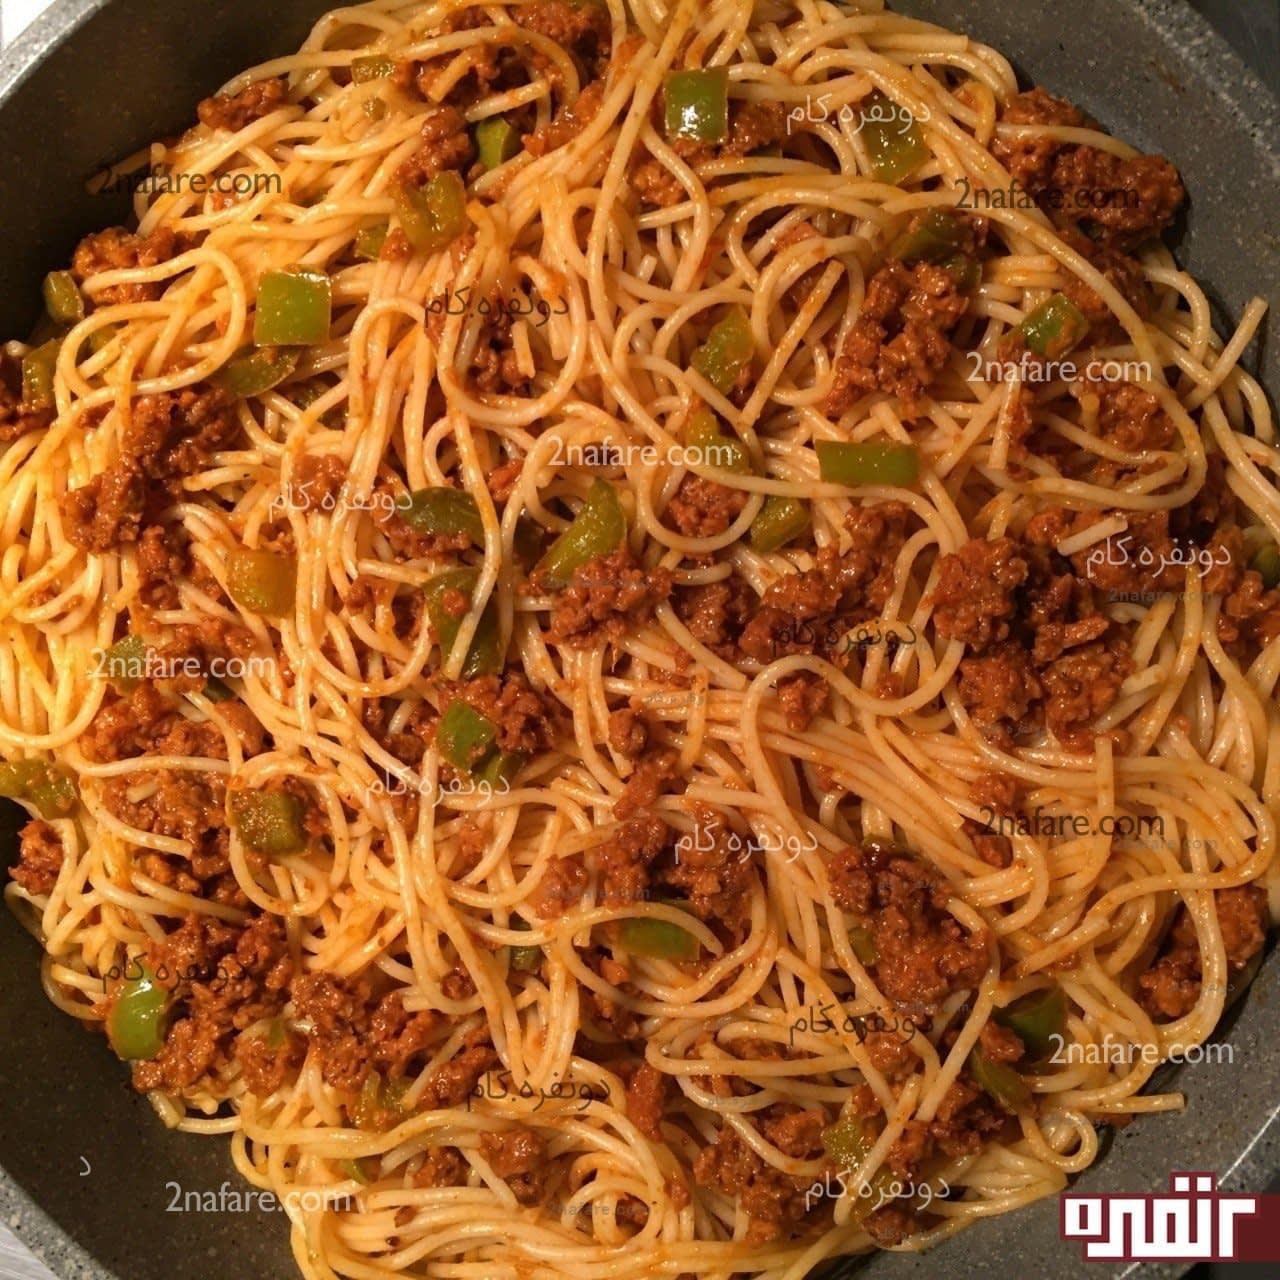 ماکارونی 1 5 مخلوط سبزیجات 700 گرمی زرماکارون